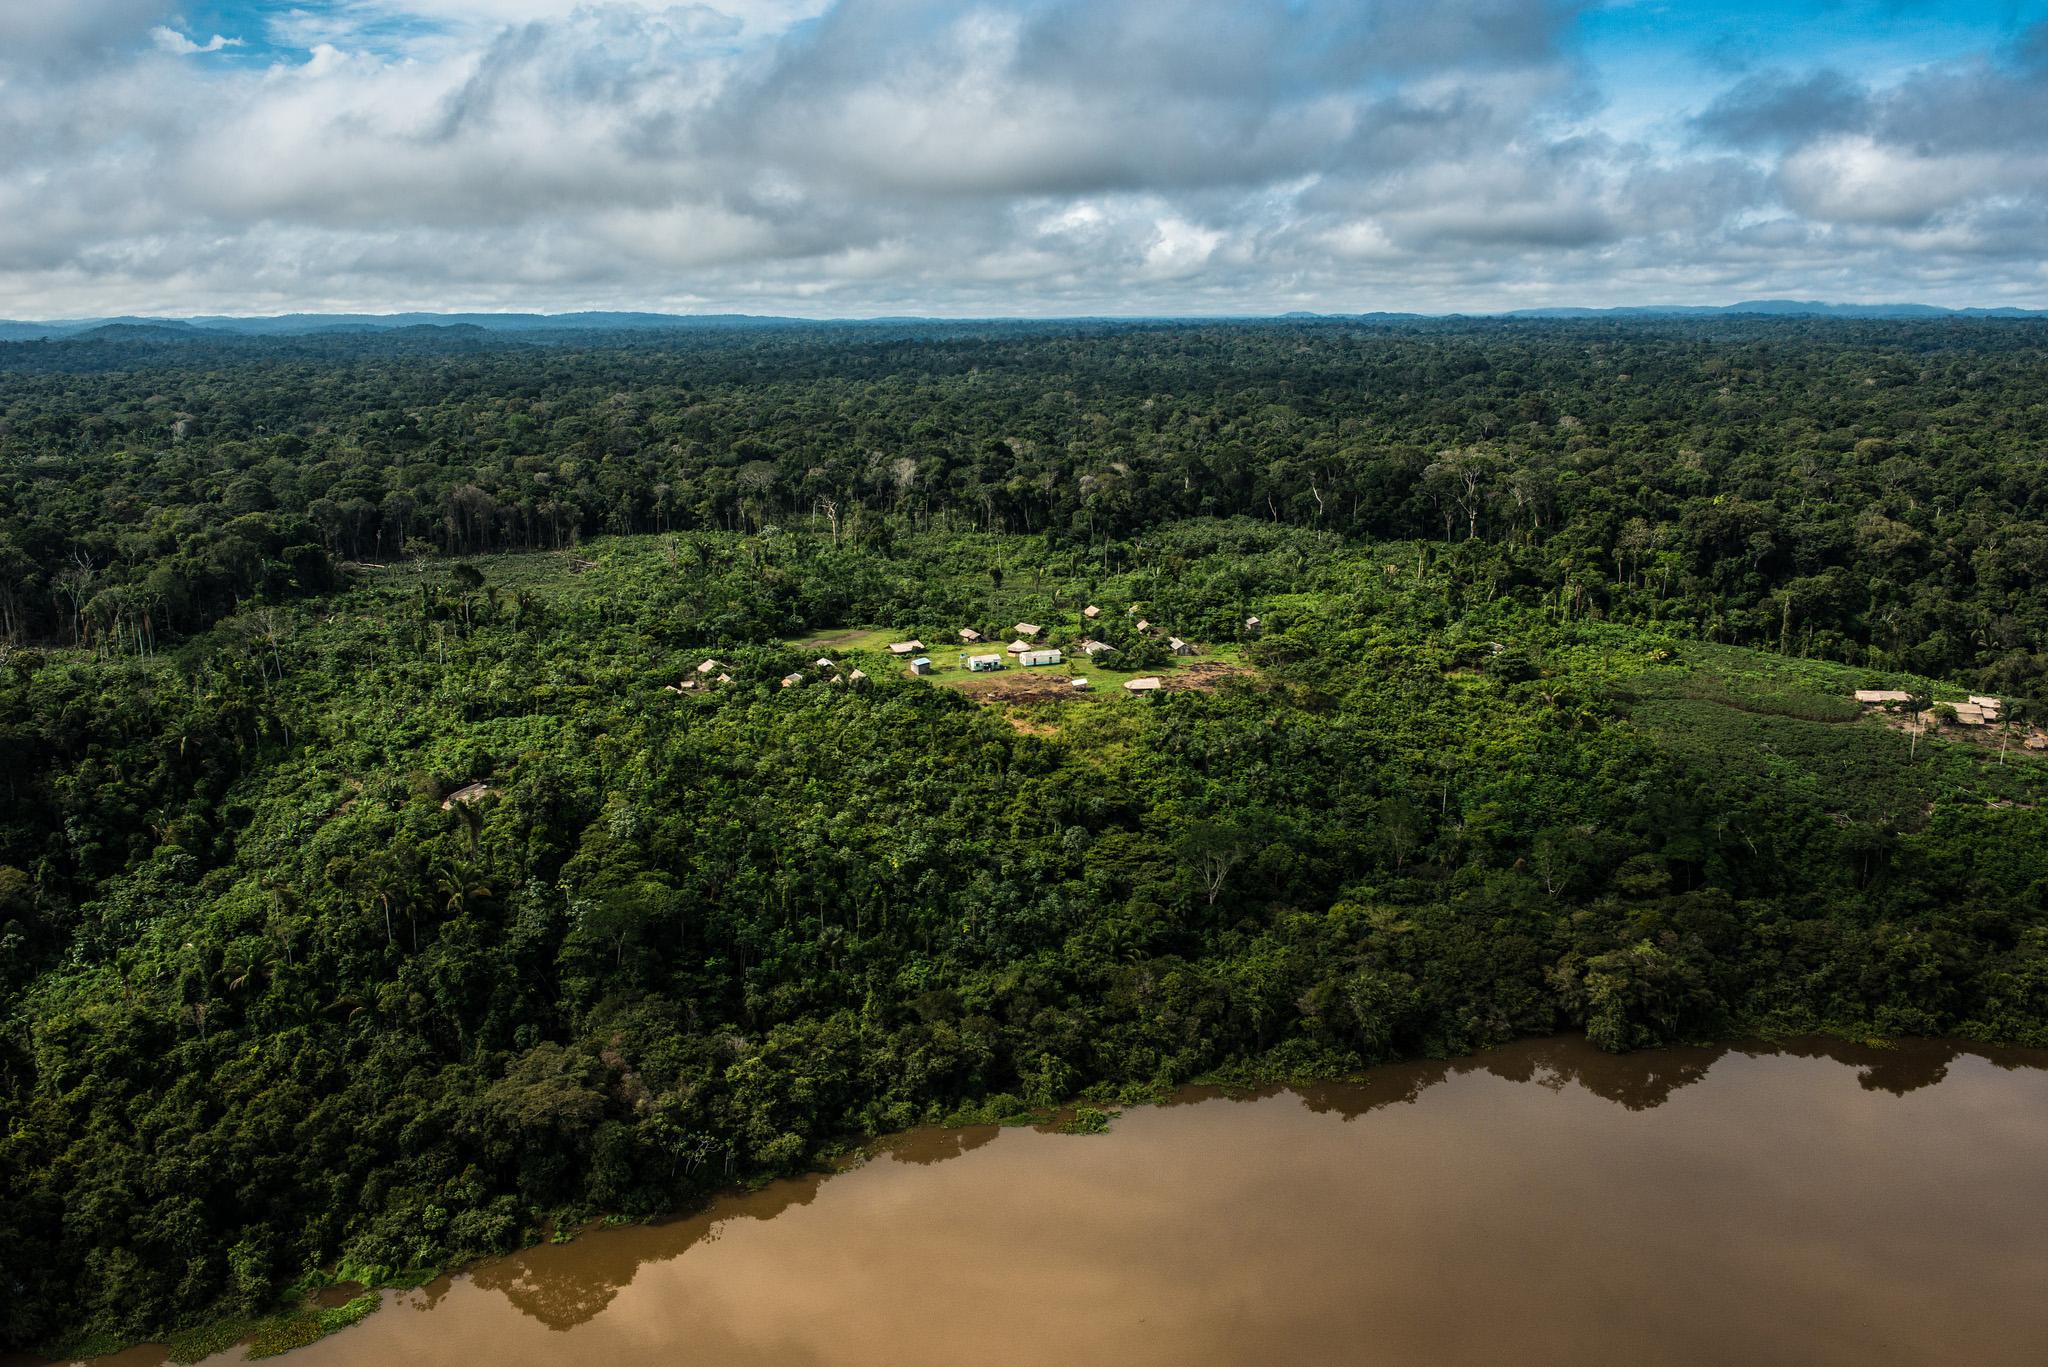 A Hidrelétrica de São Luiz do Tapajós: 3 – O processo de licenciamento na prática